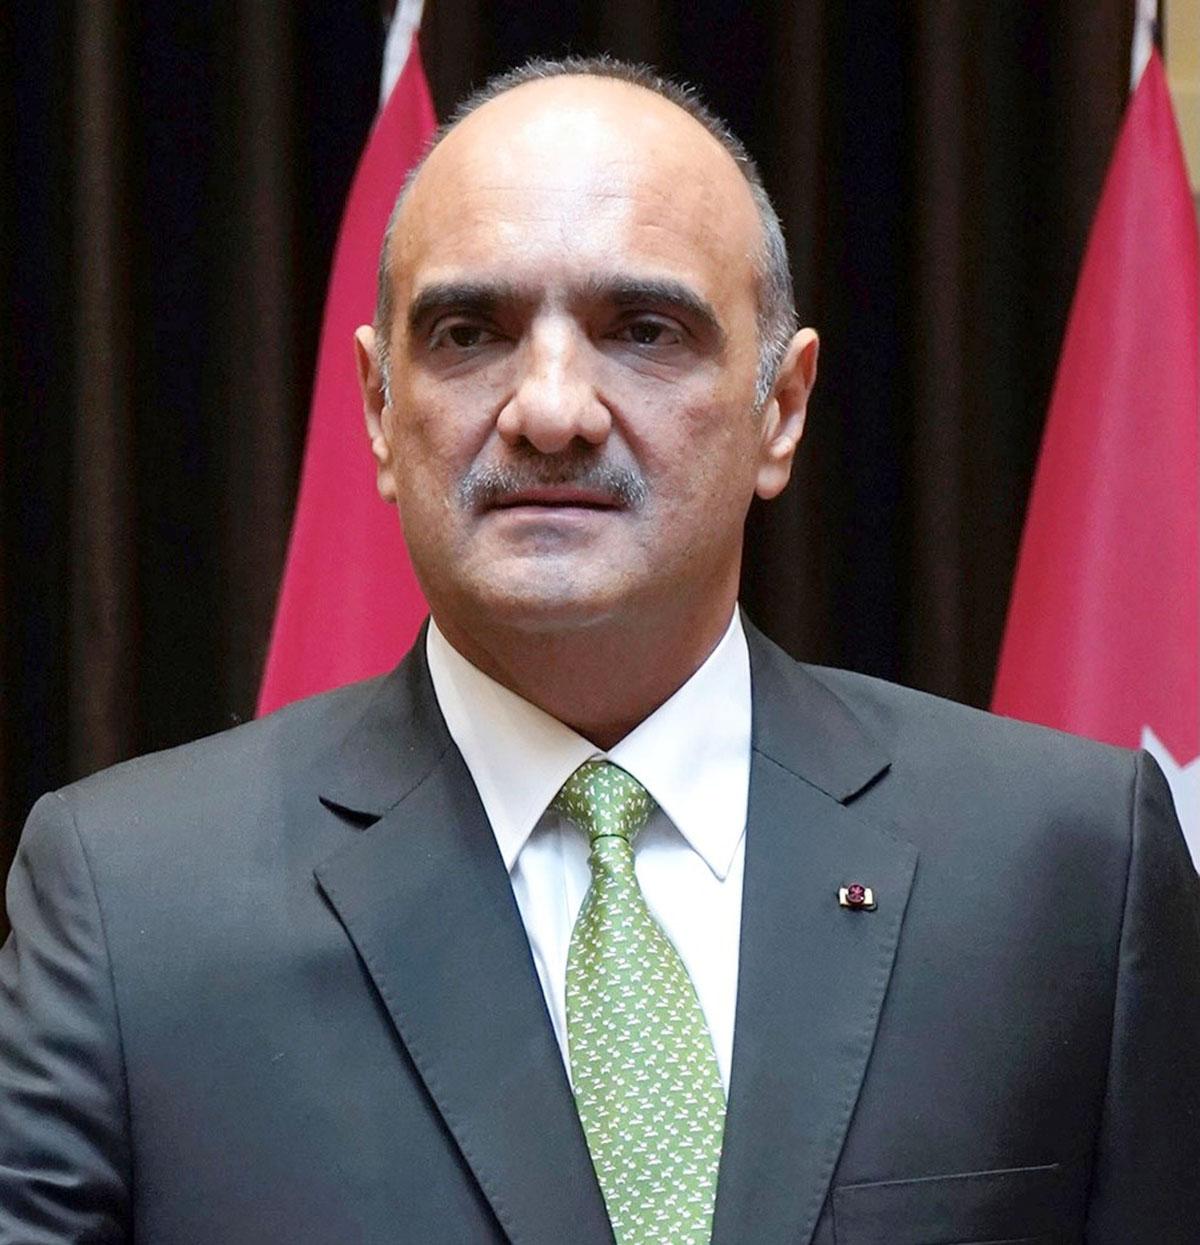 رئيس الوزراء الأردني يصدر أمر الدفاع رقم 29